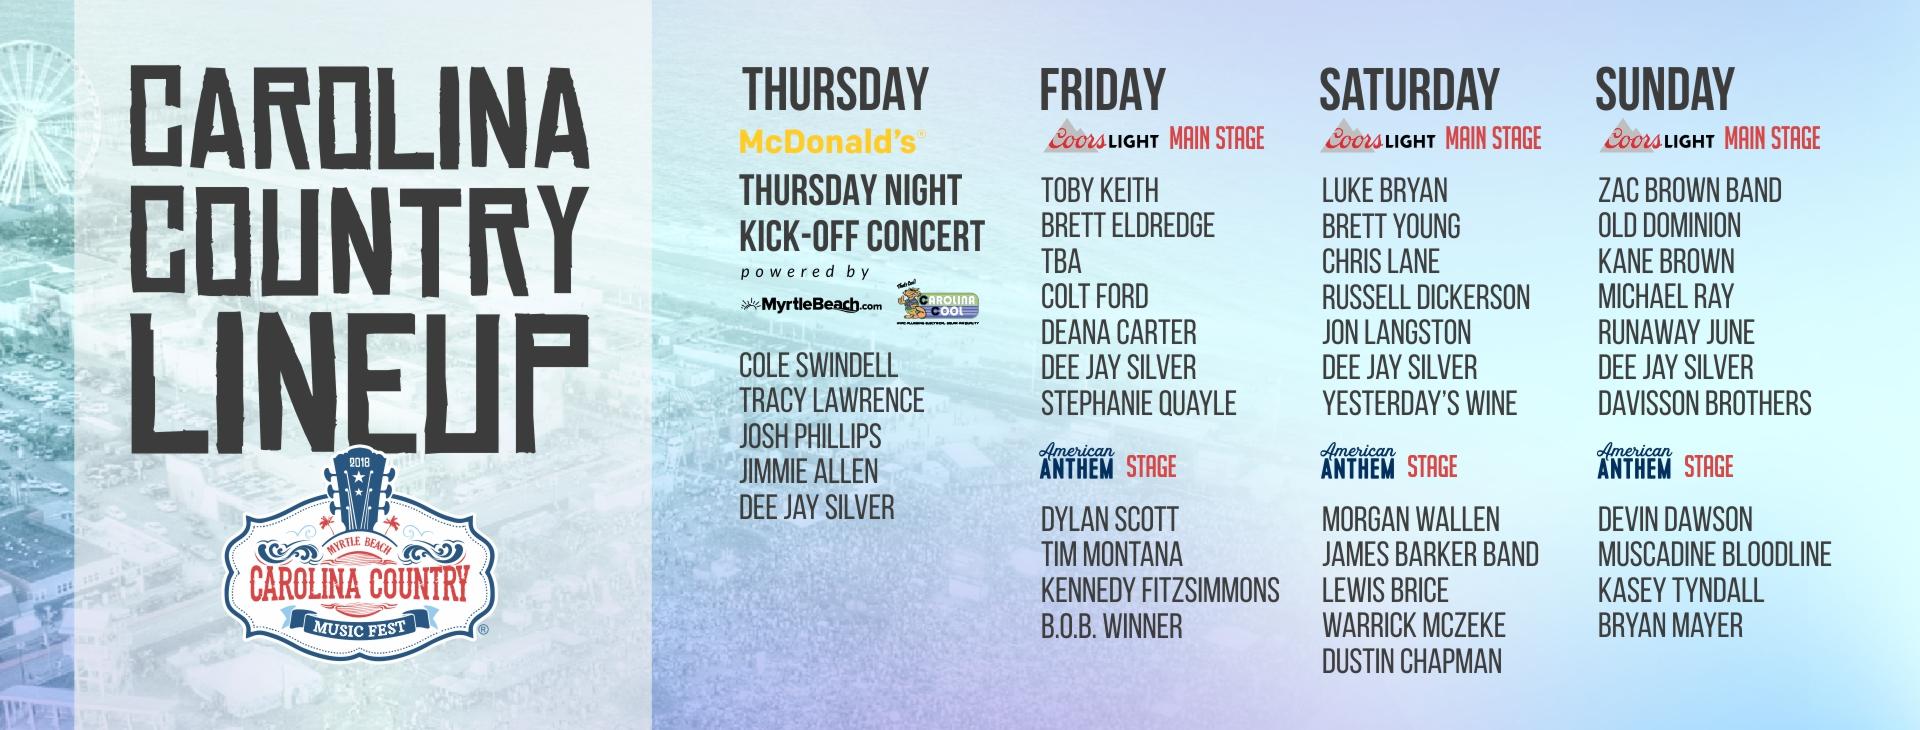 carolina country music festival lineup